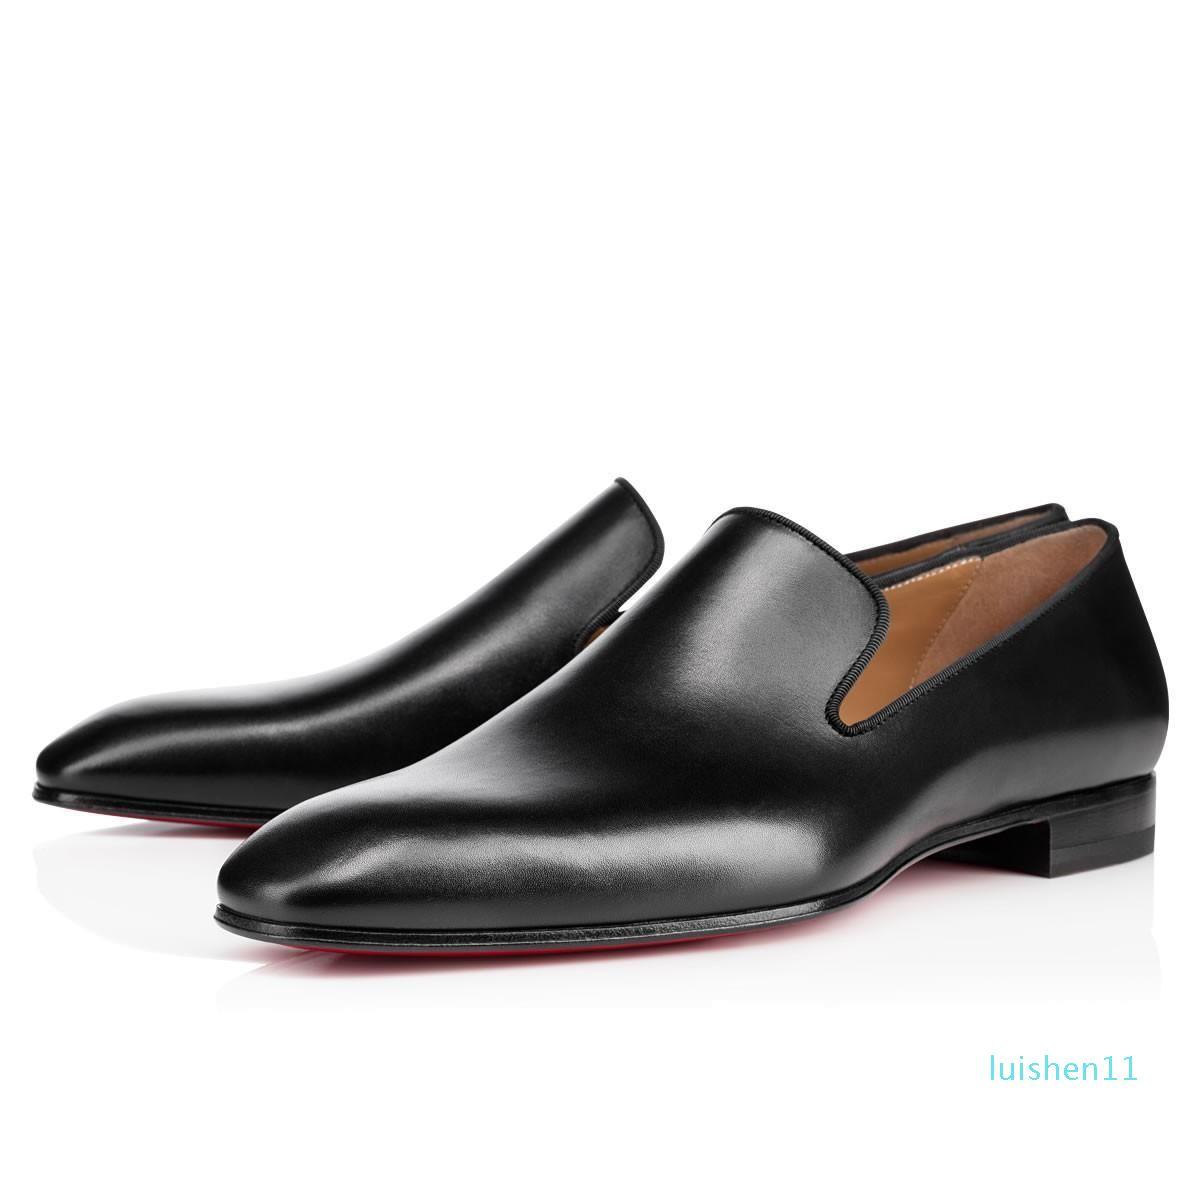 Rotes unteren Loafers Luxus-Partei-Hochzeit Schuhe Designer schwarzes Lackleder Velourslederschuh für Herren-Slip on Wohnungen l11